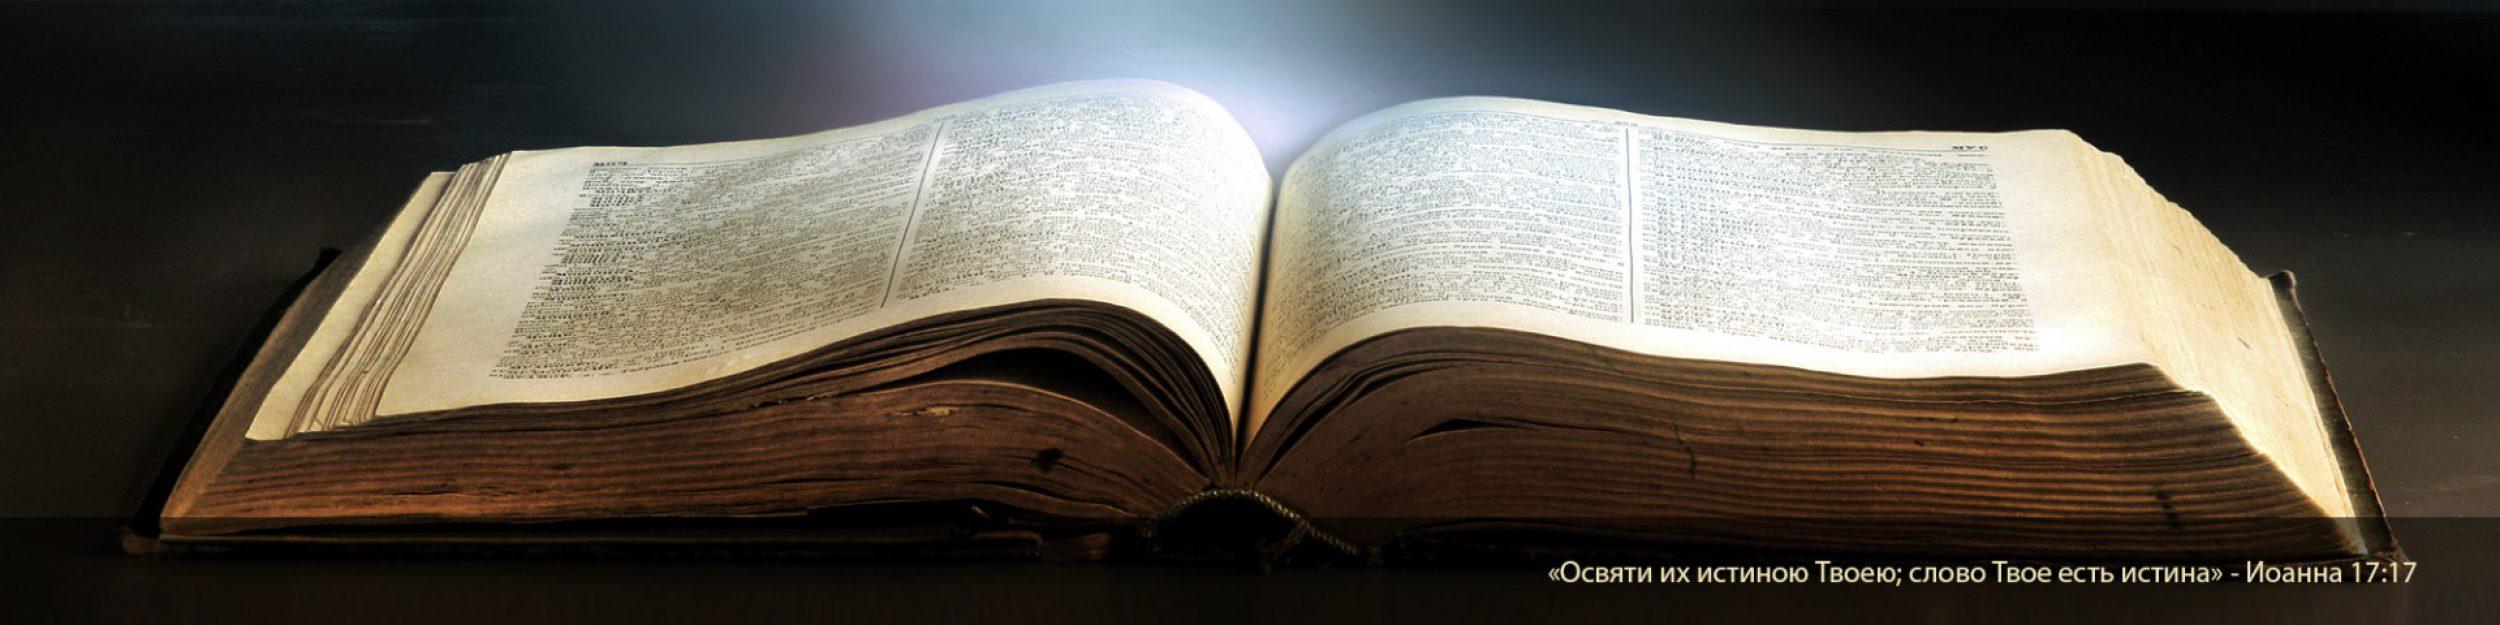 Библейская Баптистская Церковь